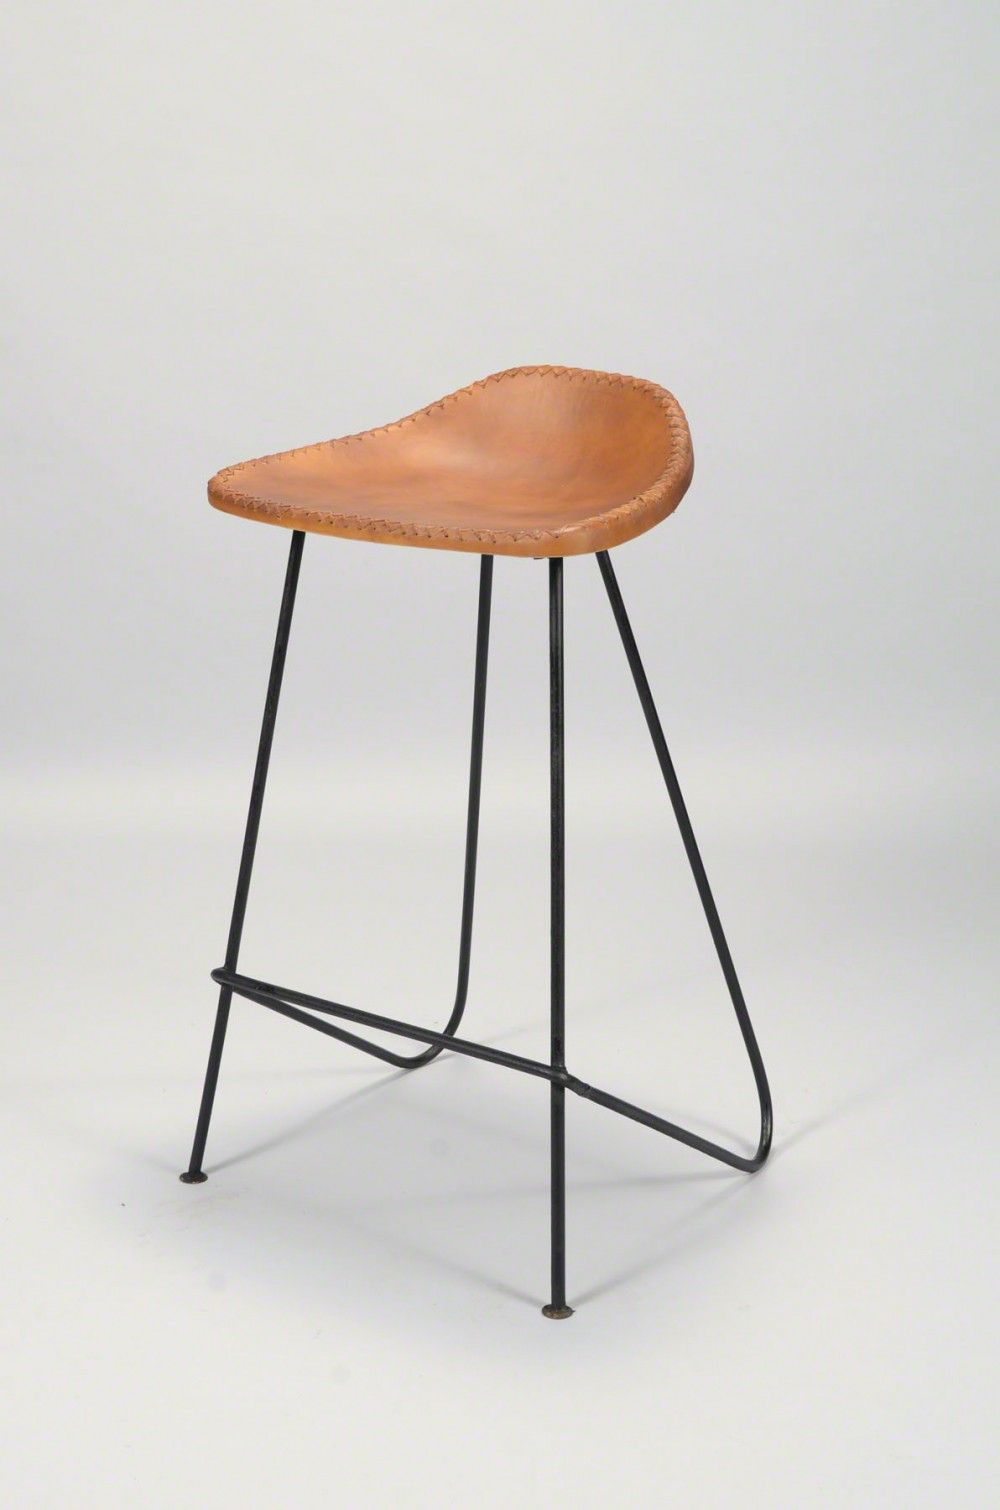 Sitzhöhe Barhocker barhocker industrie hocker metall industriedesign sitzhöhe 68 cm